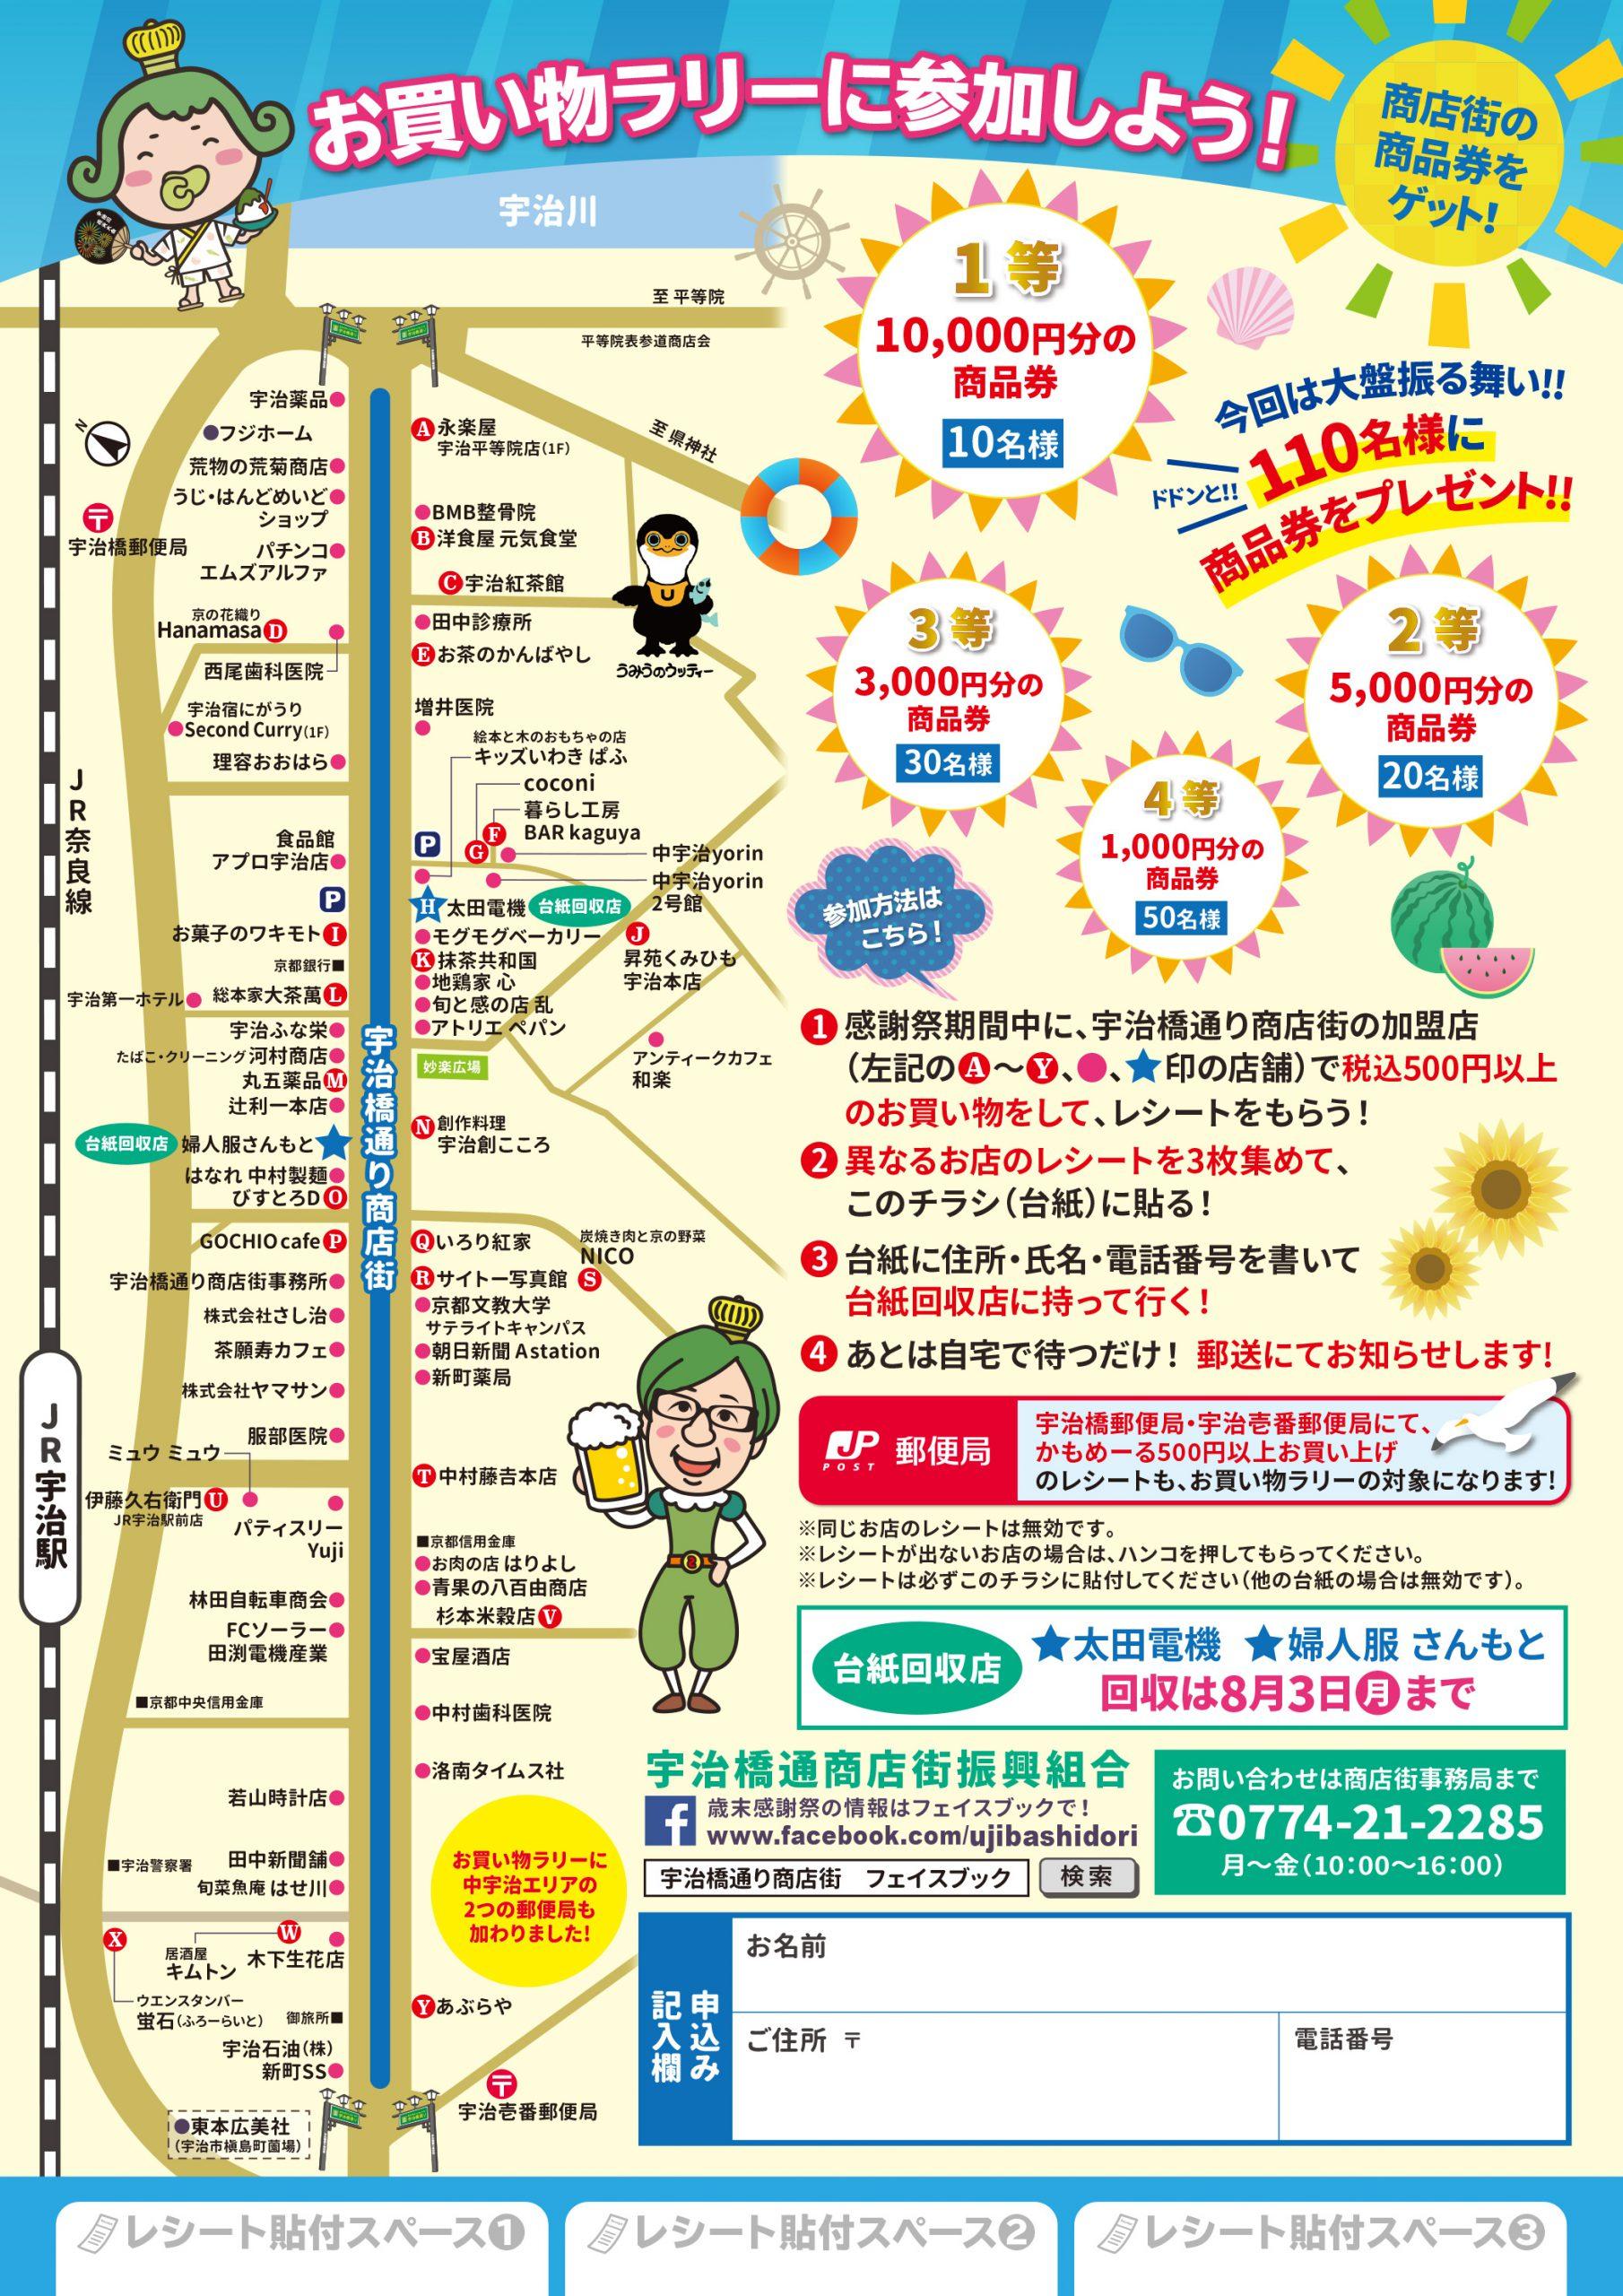 宇治橋通り商店街 夏の感謝祭|2020.7.24〜8.3(京都府宇治市)